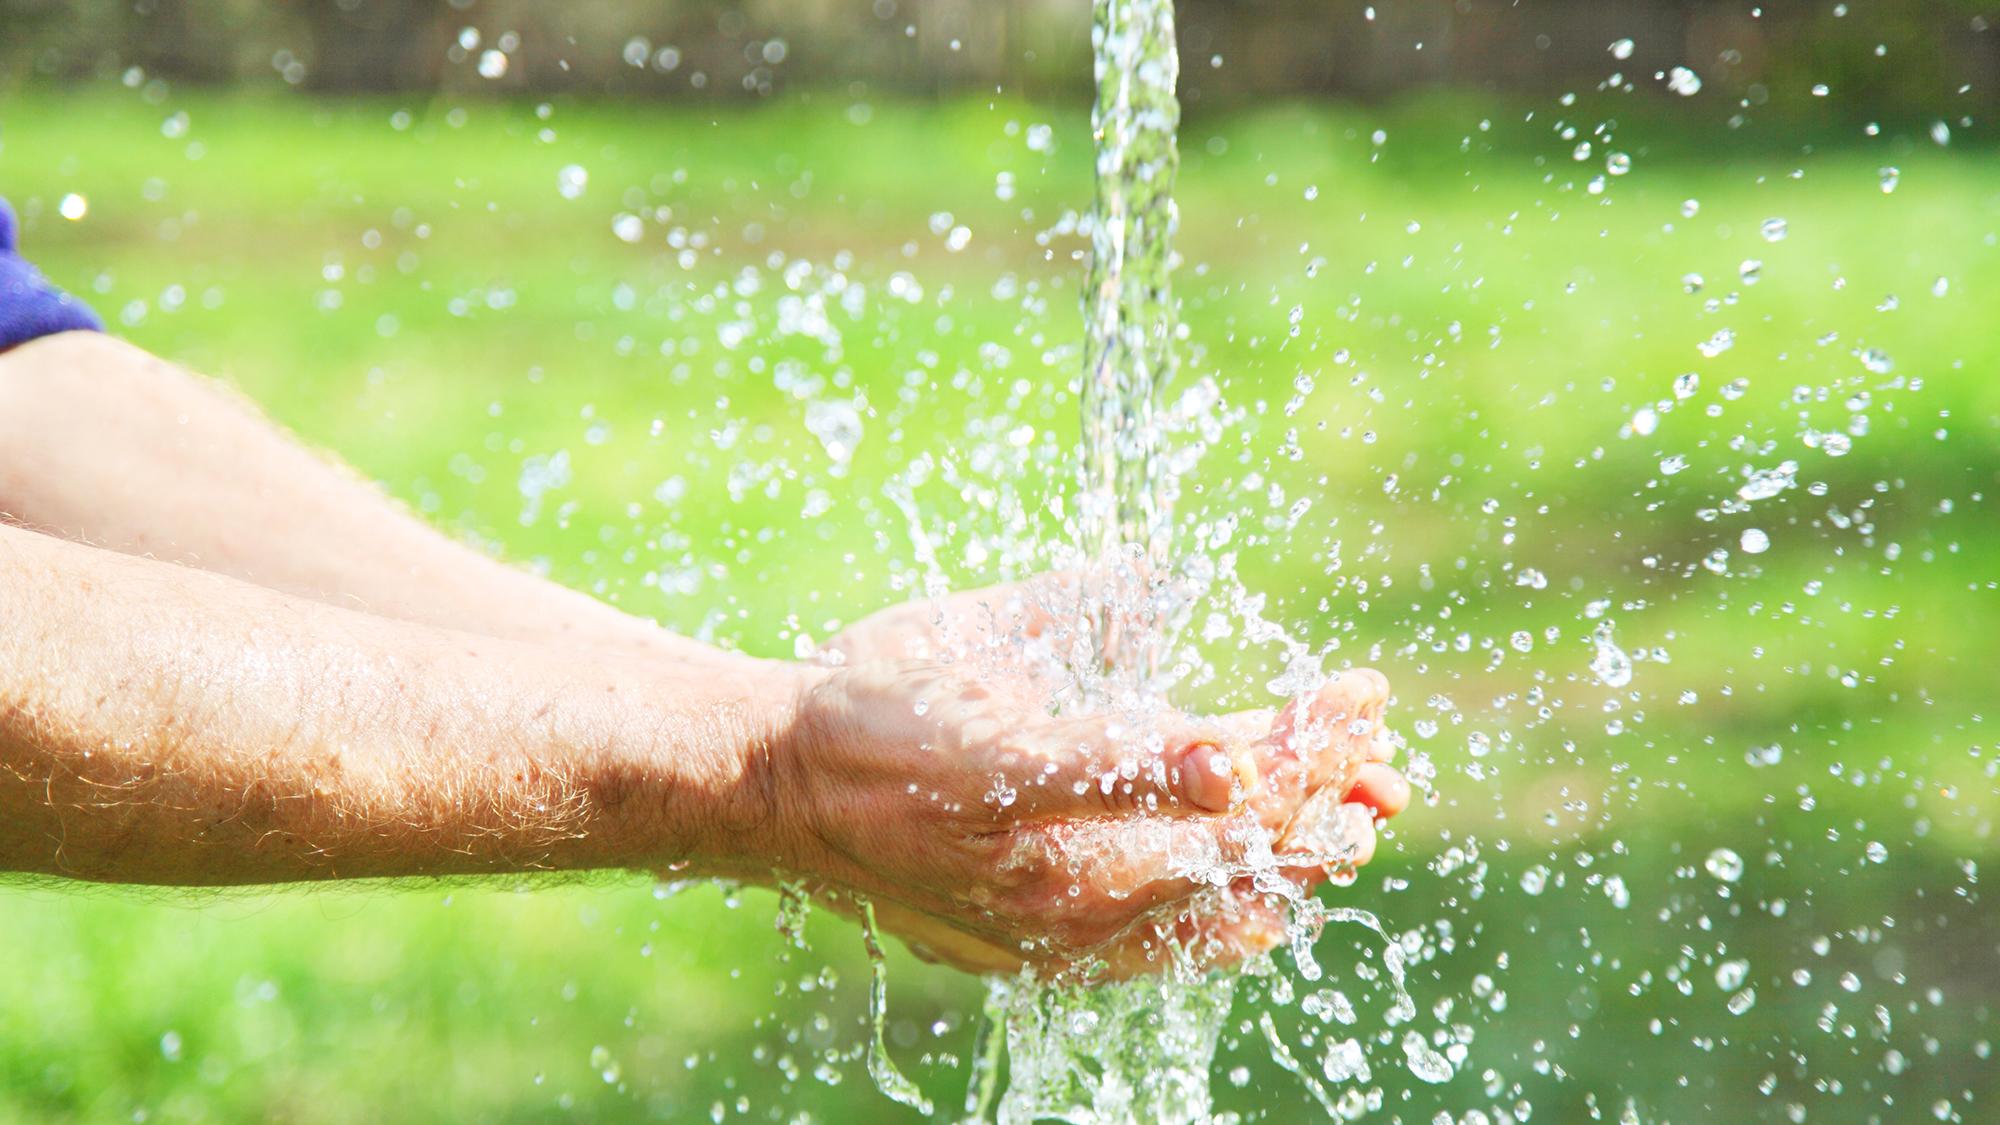 Hands with water splash